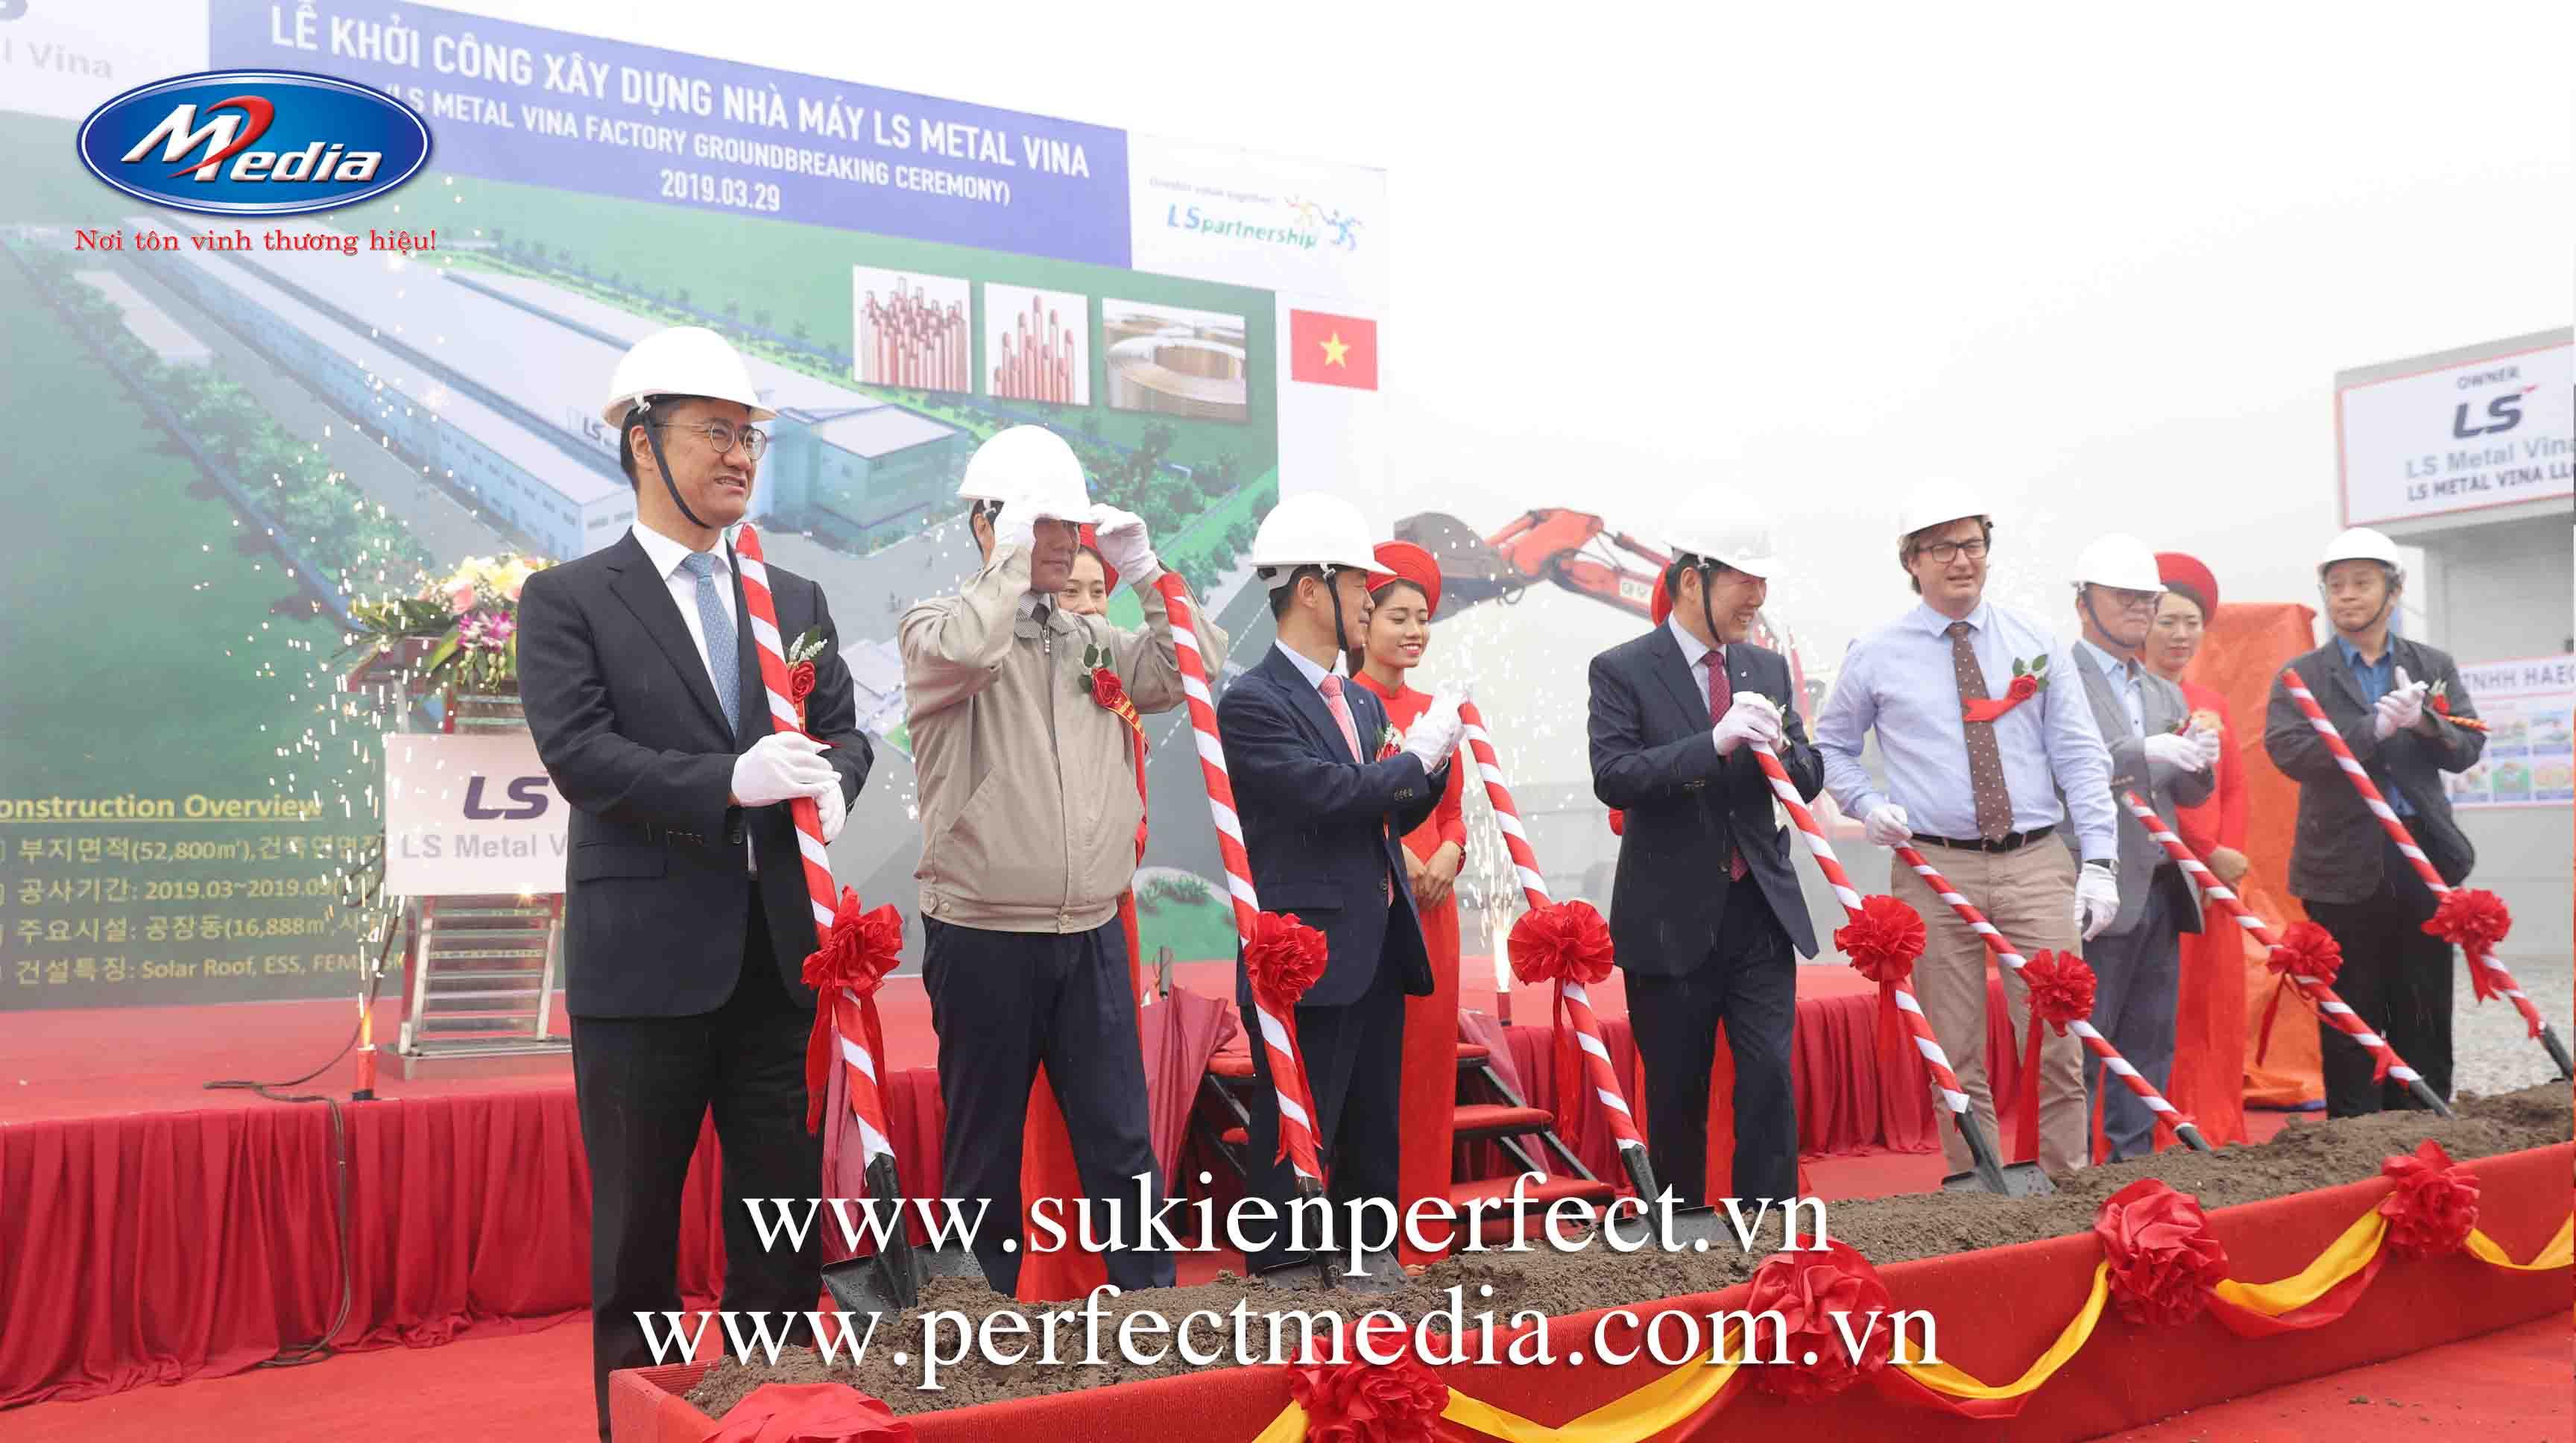 Dịch vụ tổ chức lễ khởi công, động thổ của Perfect Media có gì ưu việt tại Thái Bình